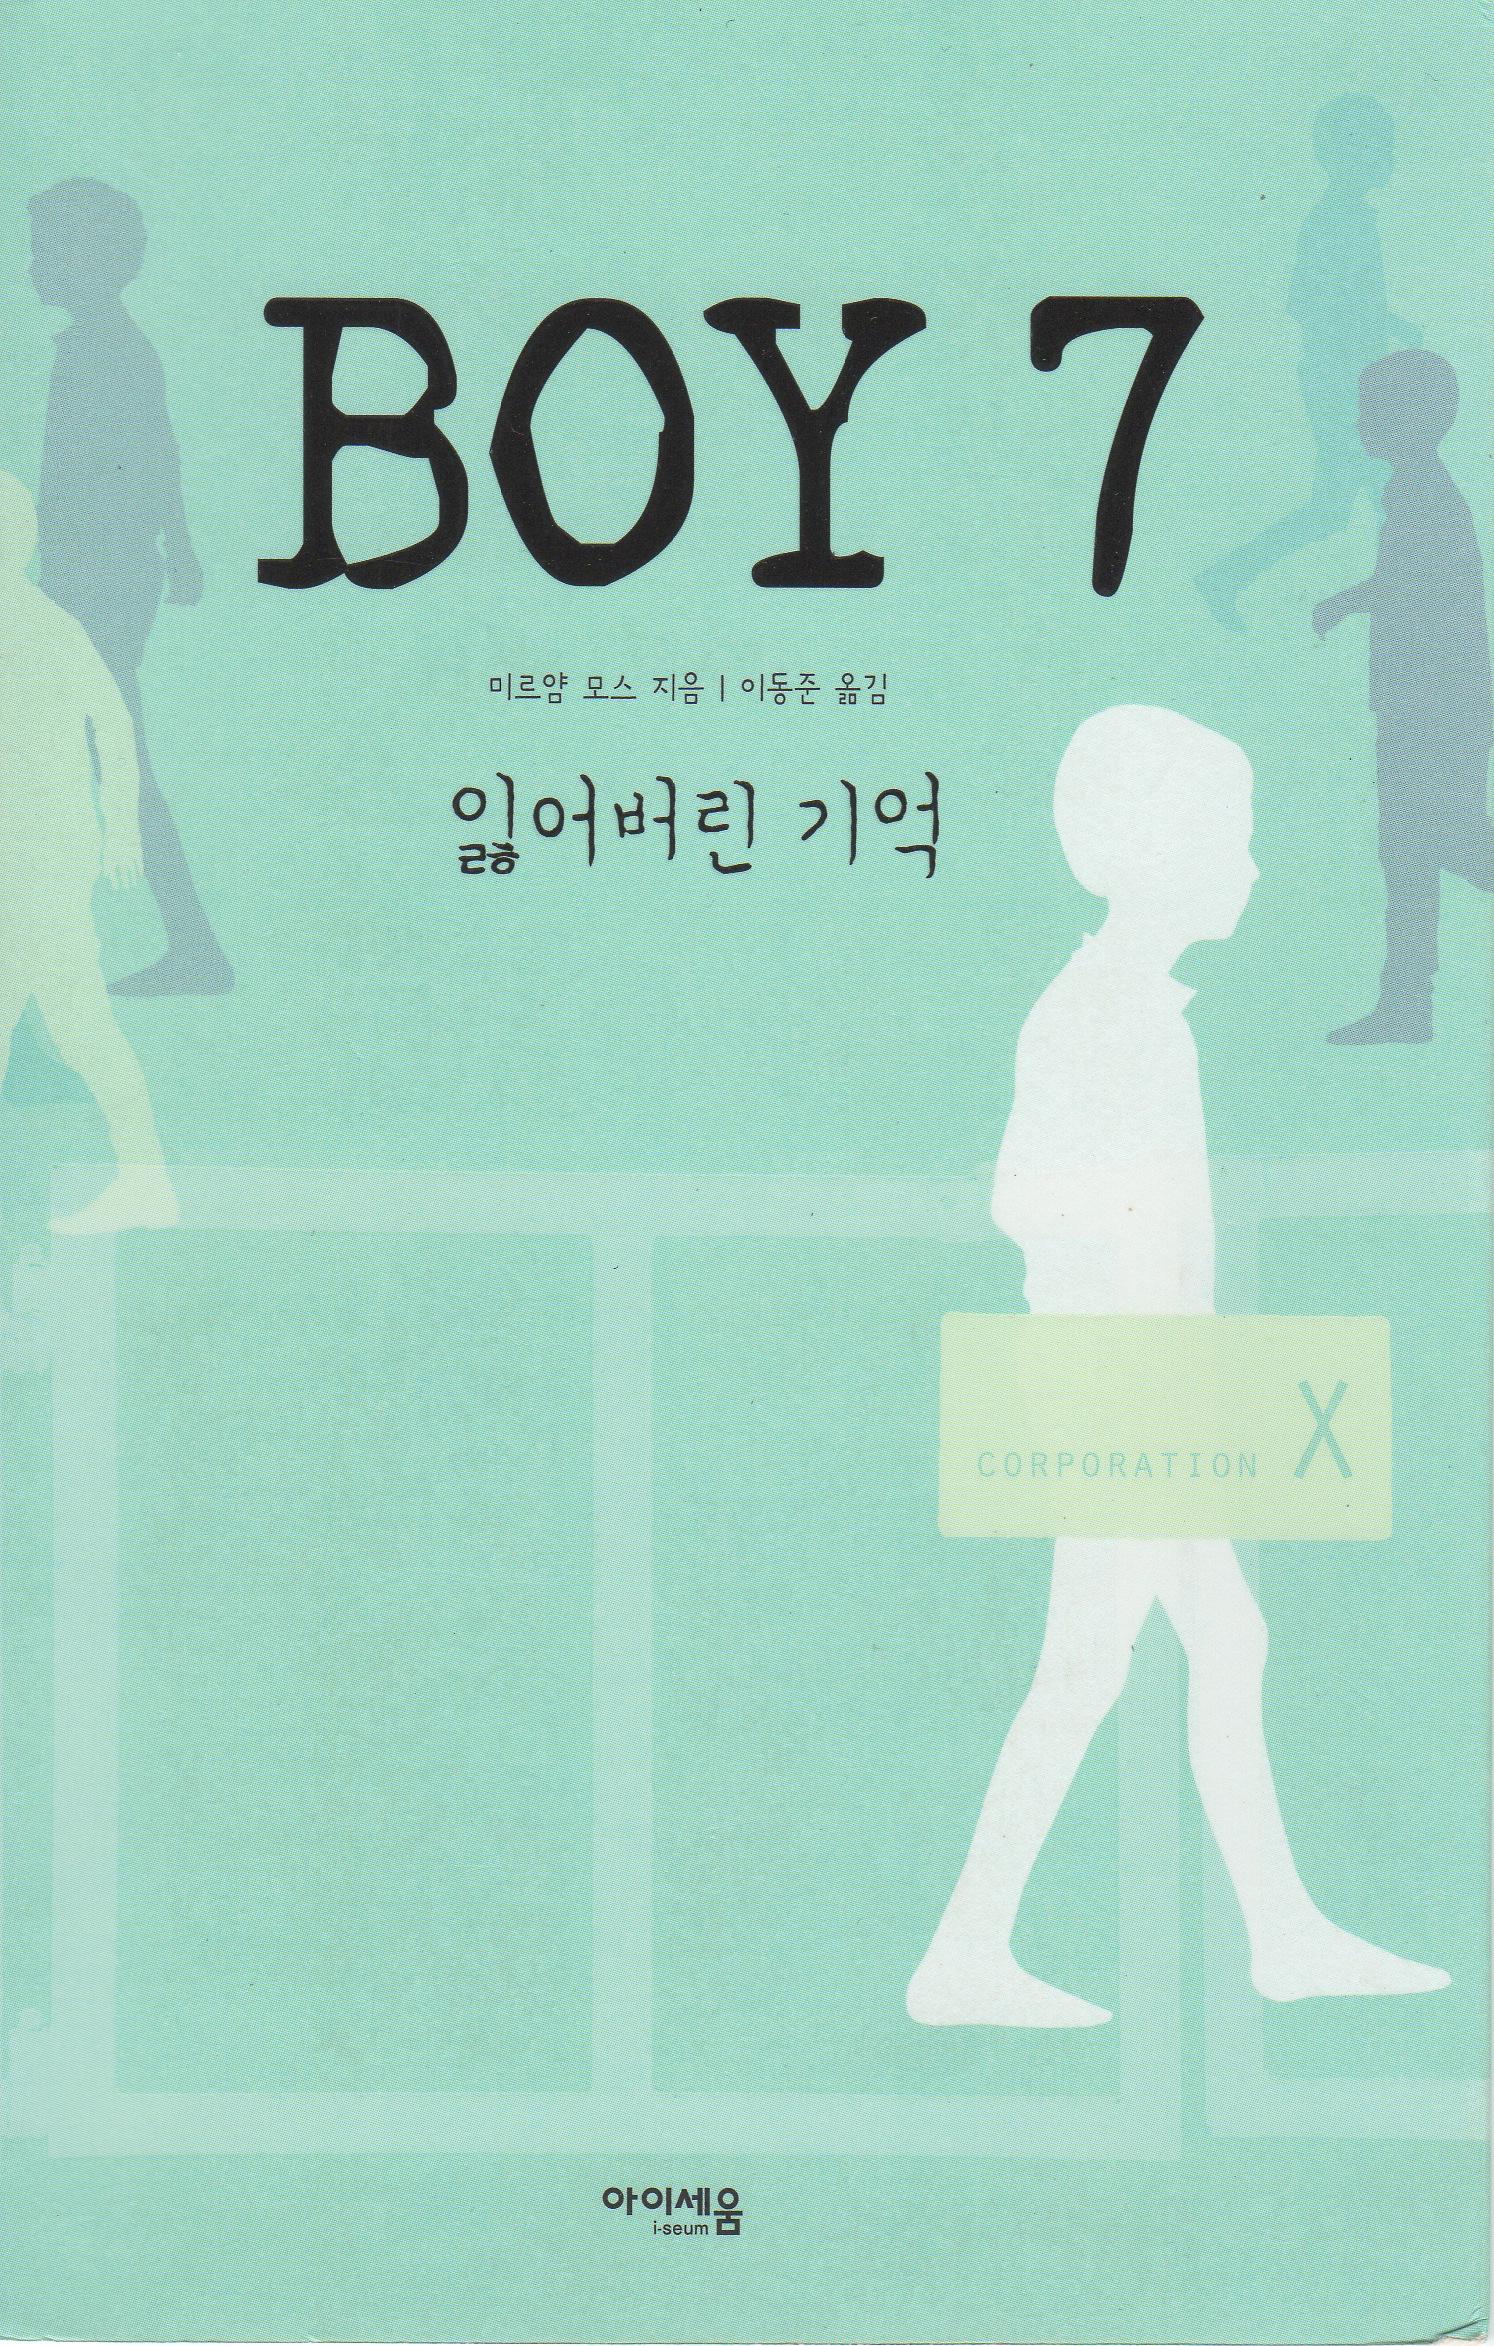 Boy 7 – Koreaans